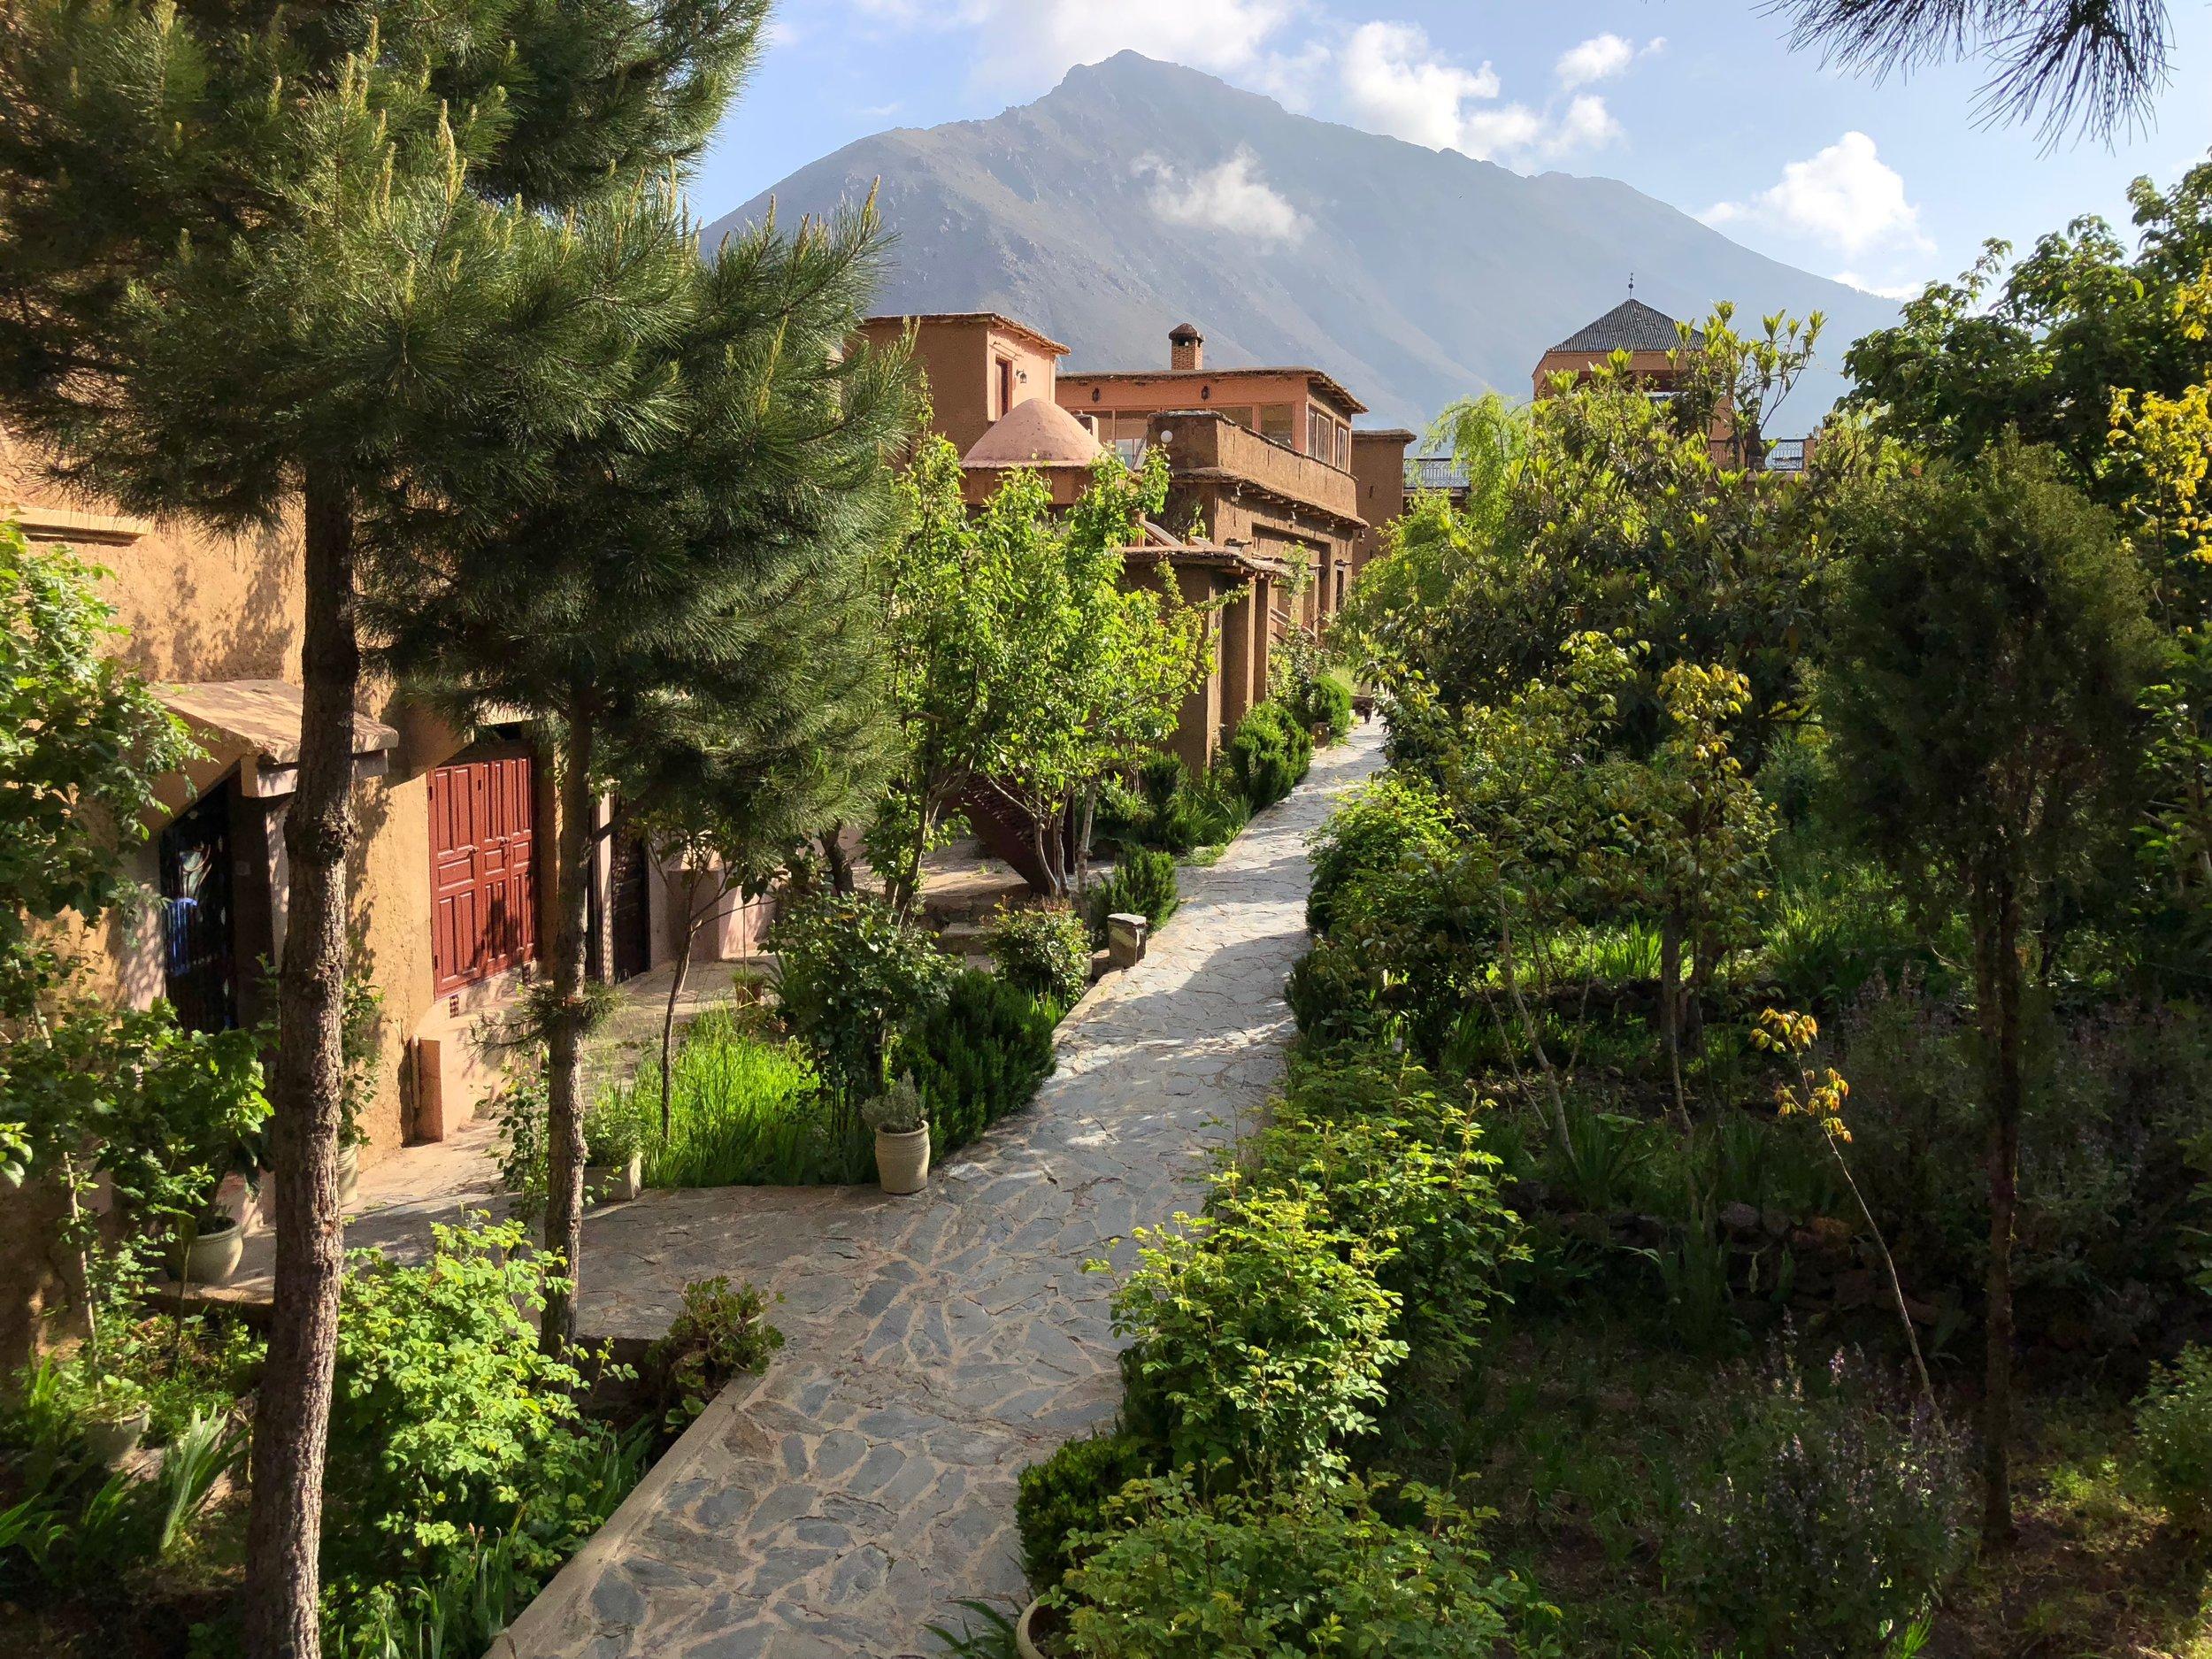 Main entry way to Kasbah du Toubkal